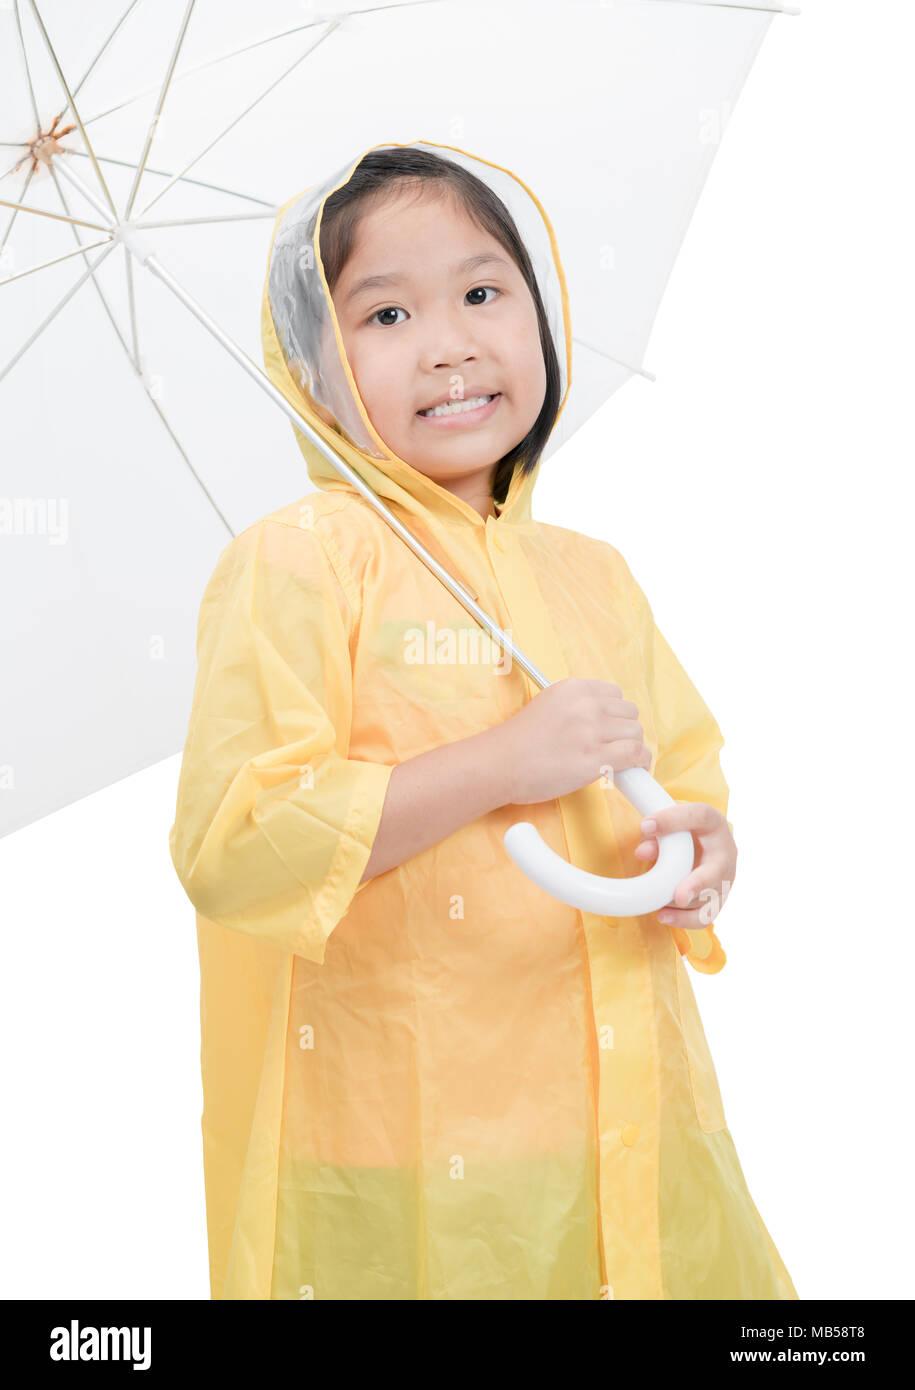 Not young girls raincoats